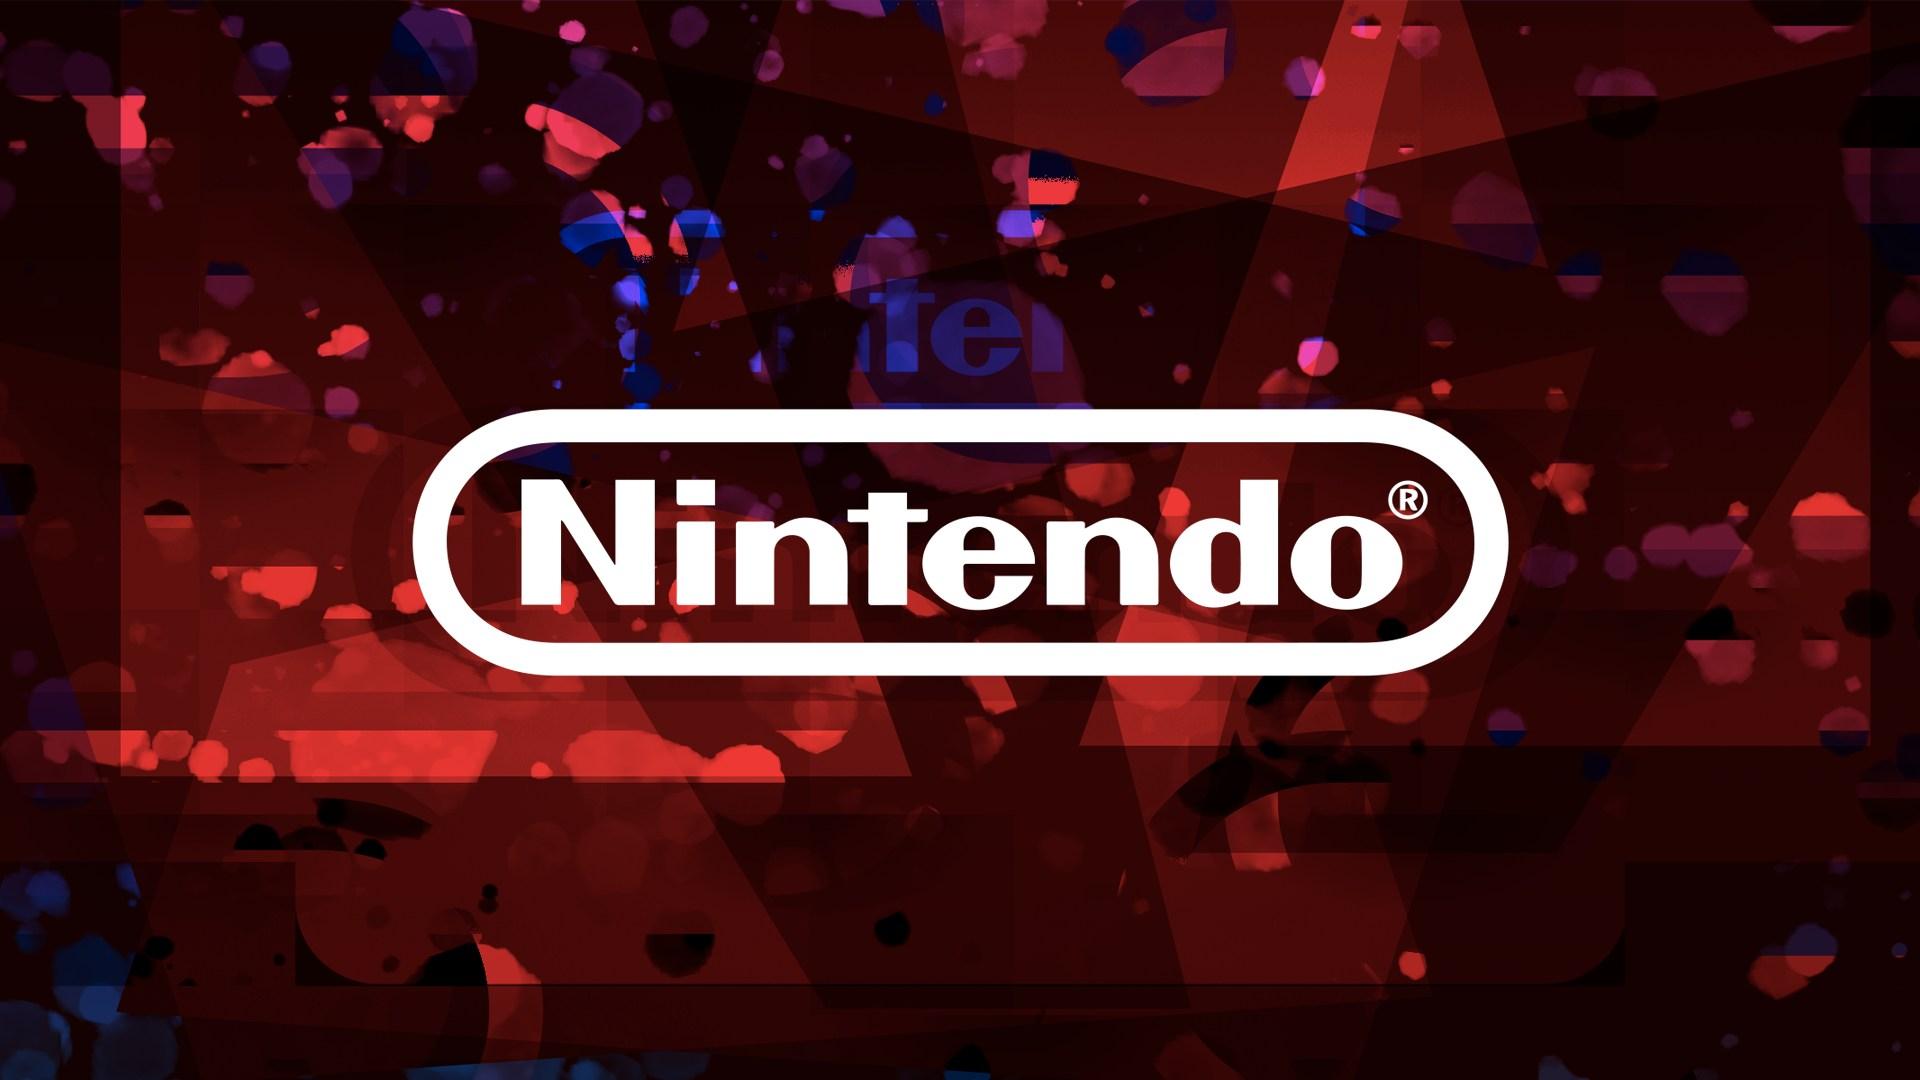 Gaming, Konsole, Logo, Nintendo, Spielekonsole, Nintendo Switch, Spielekonsolen, Switch, Nintendo Konsole, Rot, Nintendo Logo, Weißes Logo